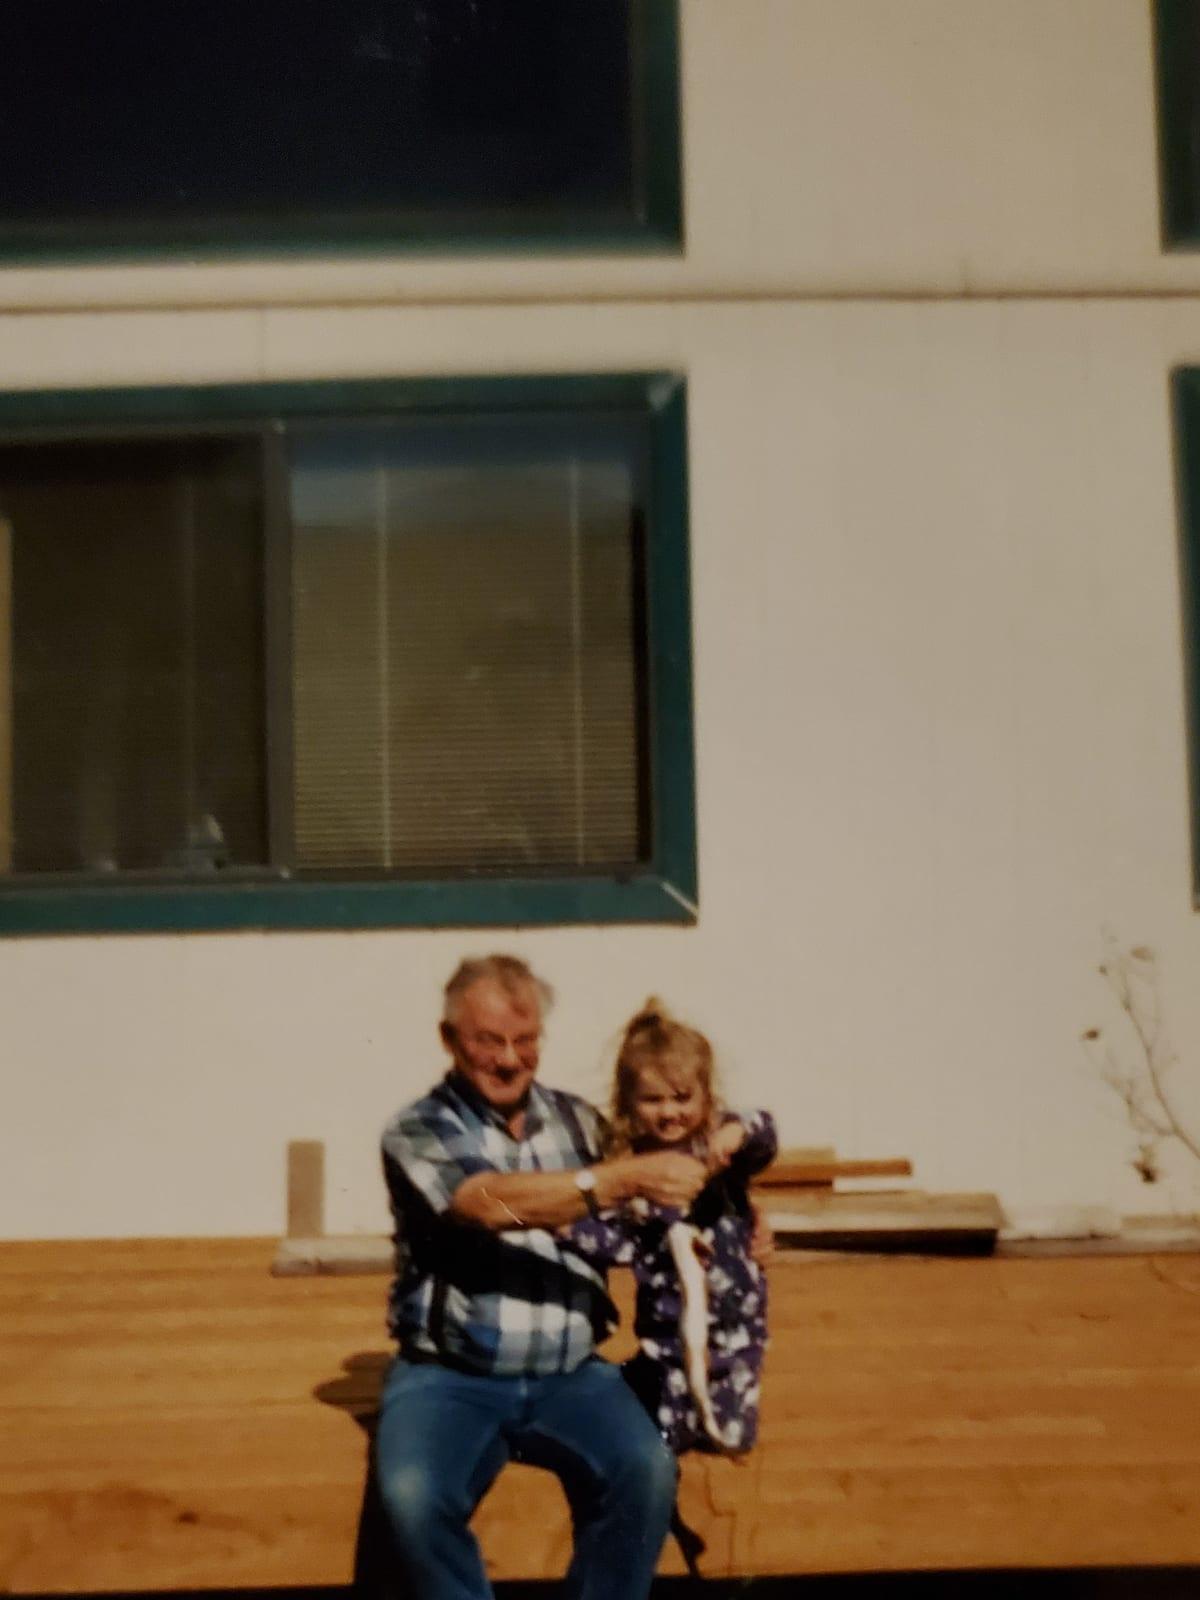 Fish with grandpa